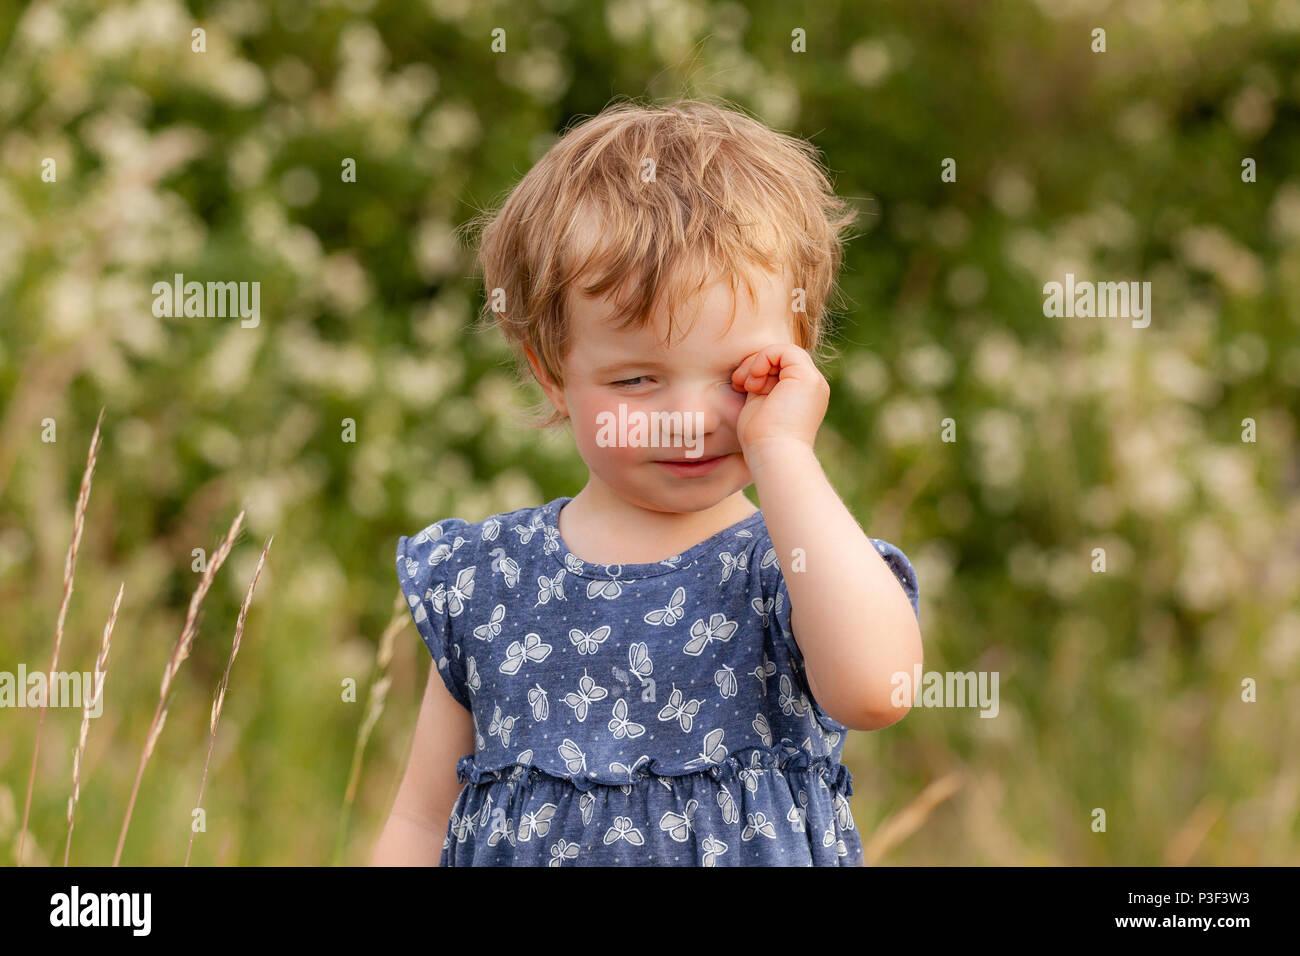 Müdes Kind reibt sich die Augen - Stock Image